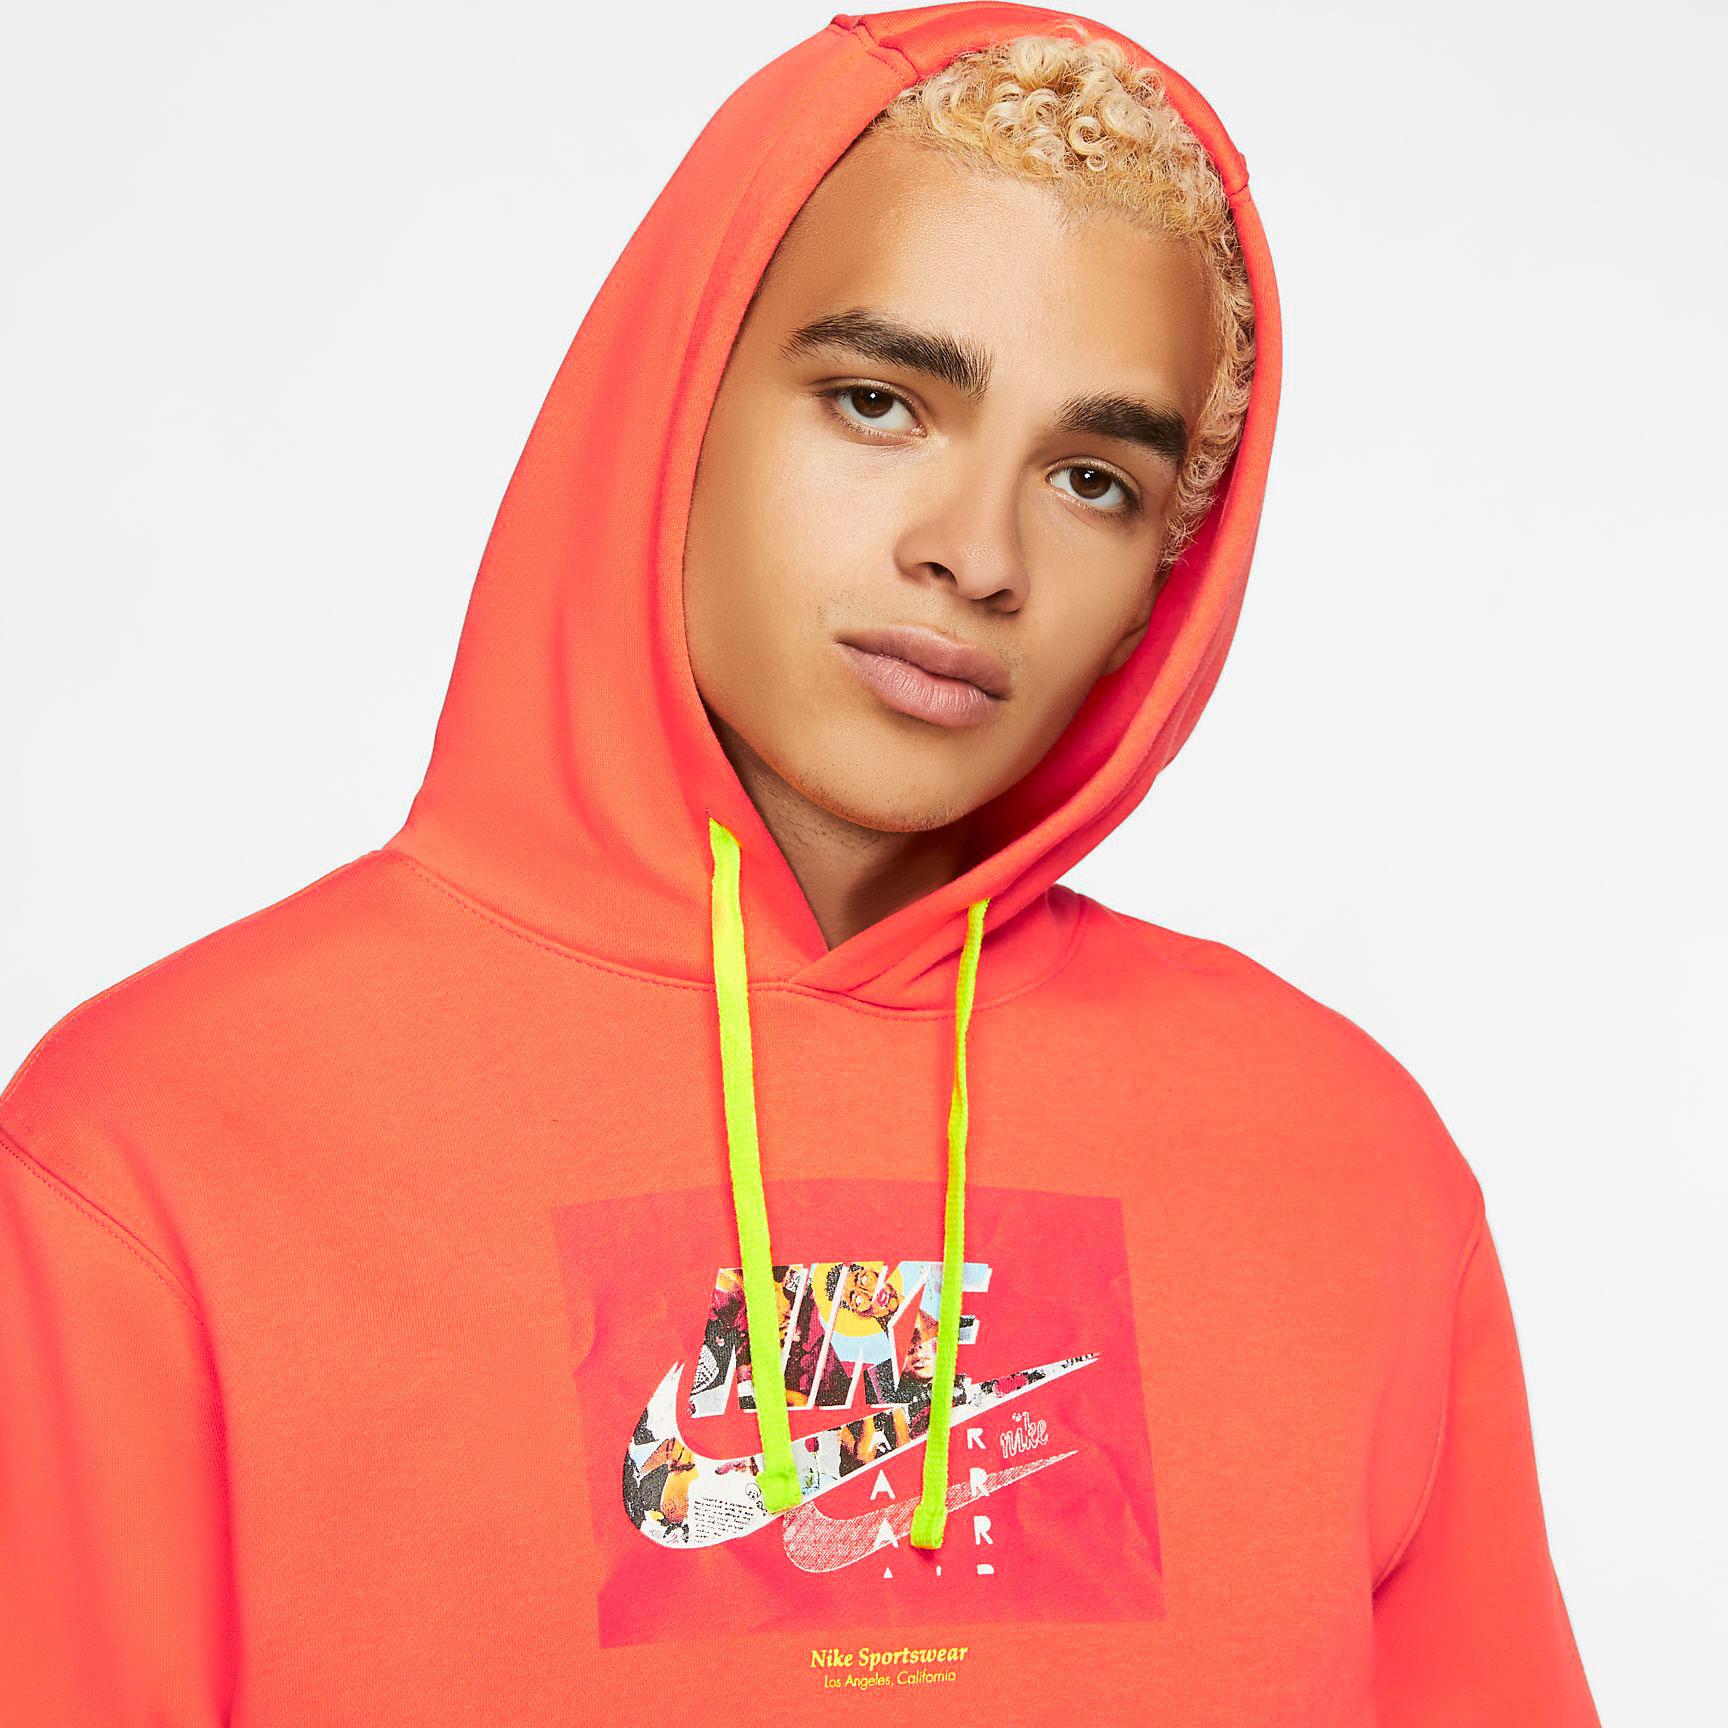 nike-sportswear-club-la-hoodie-1